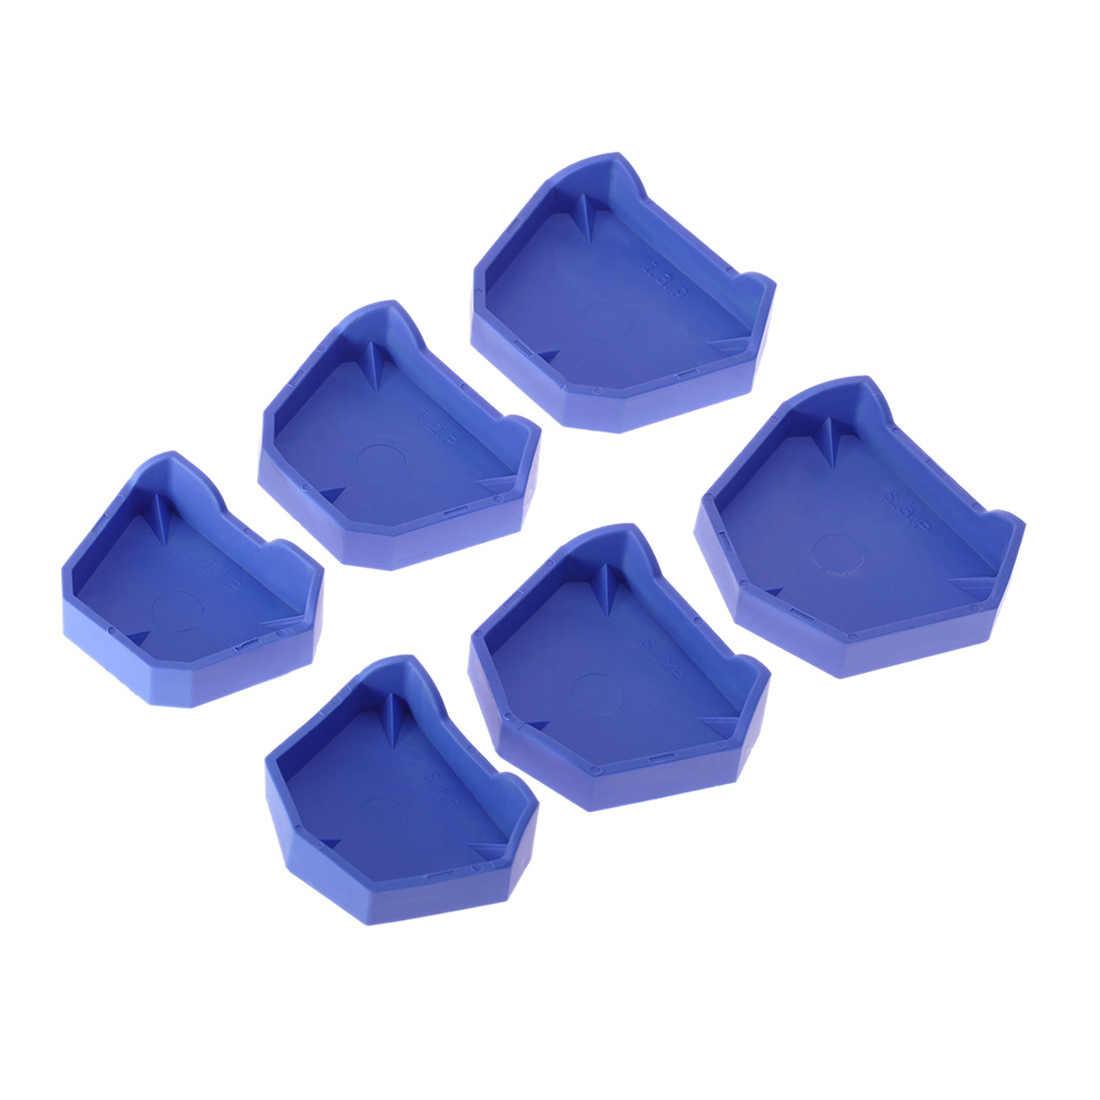 2 sztuk 3 rozmiary model dentystyczny zestaw podstawowy Dental Mold tynk baza proteza taca higiena jamy ustnej pielęgnacja laboratorium dentystyczne były zestaw podstawowy laboratorium dentystyczne